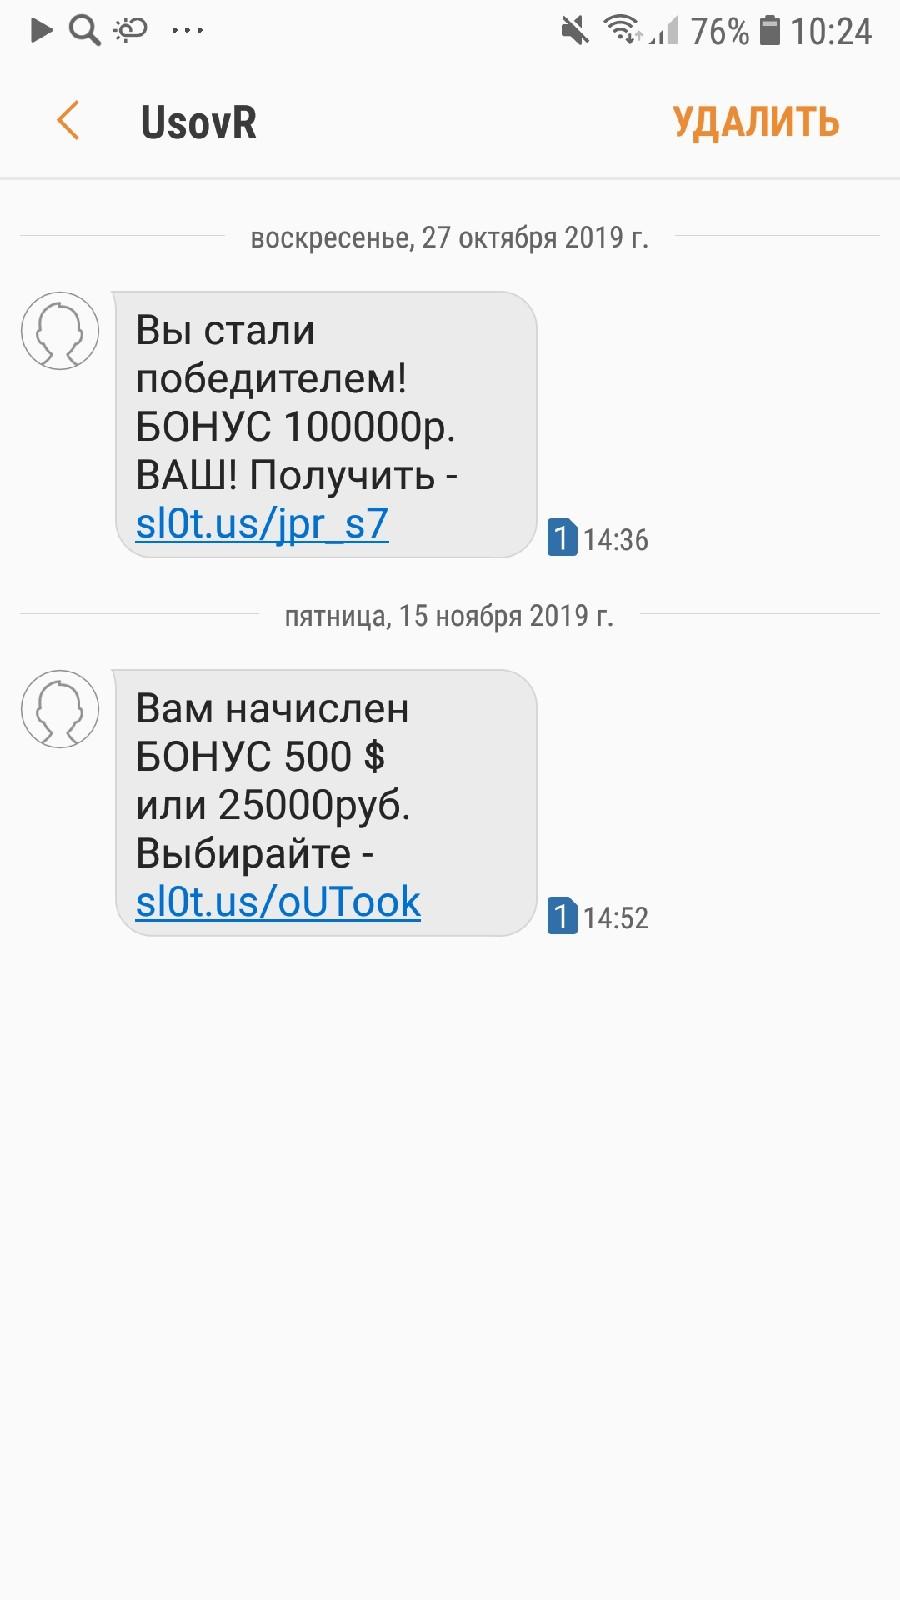 UsovR: Вы стали победителем, Вам начислен бонус: что за СМС?